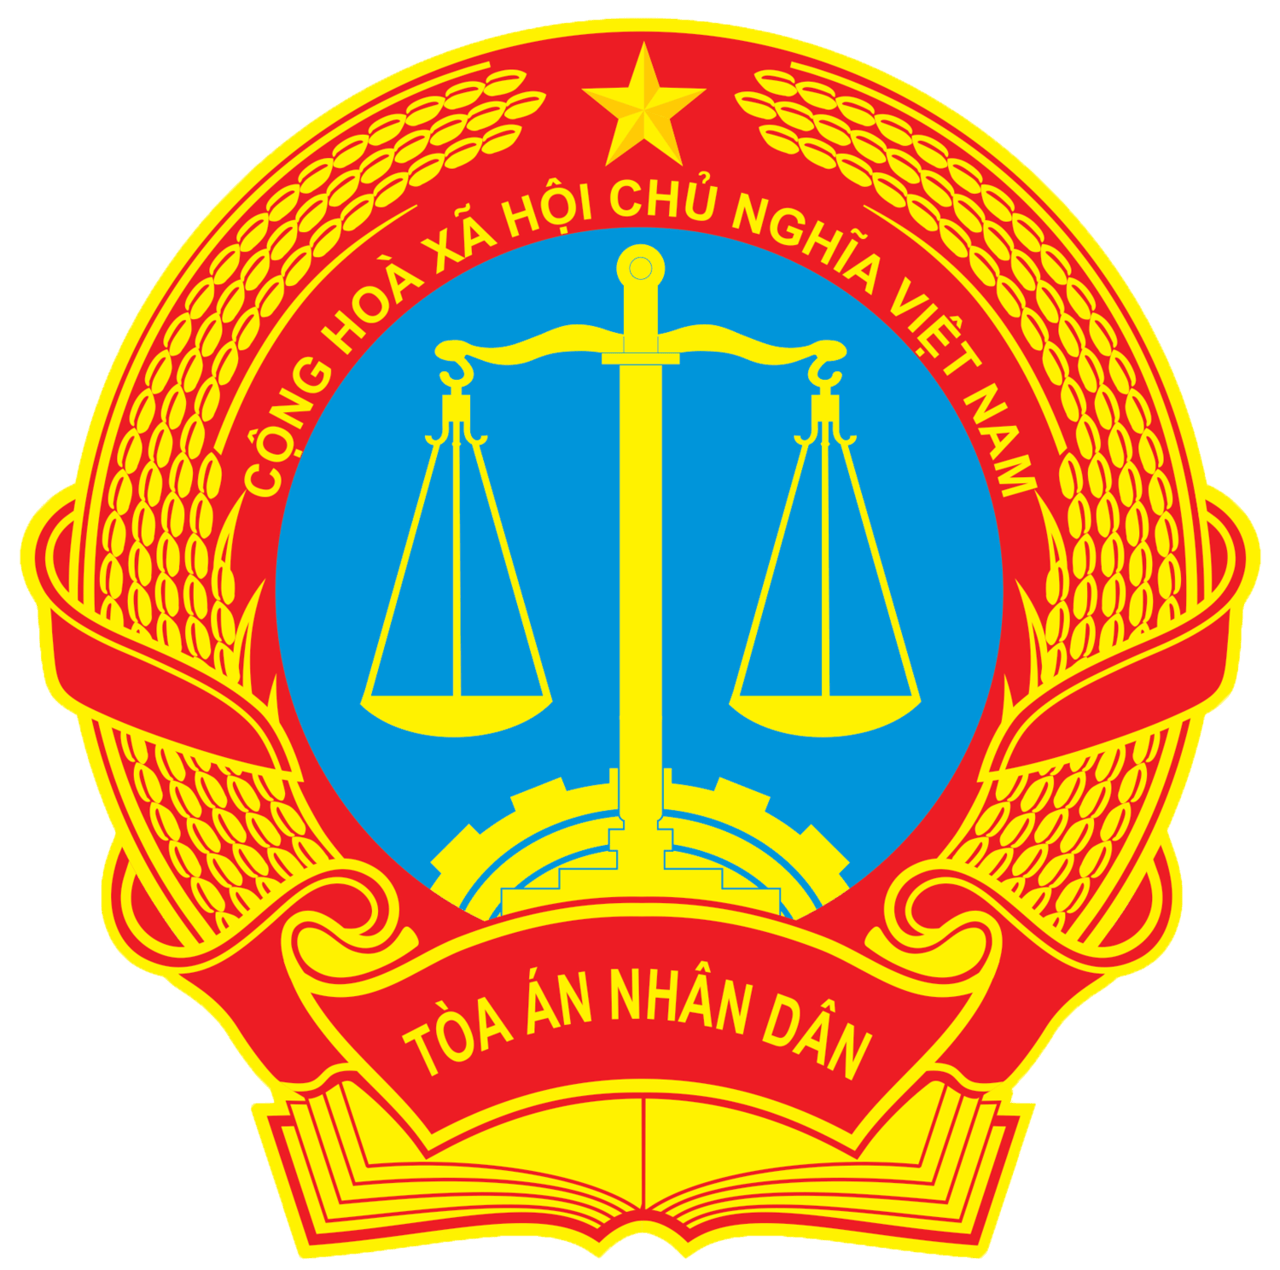 https://luattoanquoc.com/thu-tuc-yeu-cau-toa-an-xac-nhan-quan-he-cha-con-moi-nhat-2019/